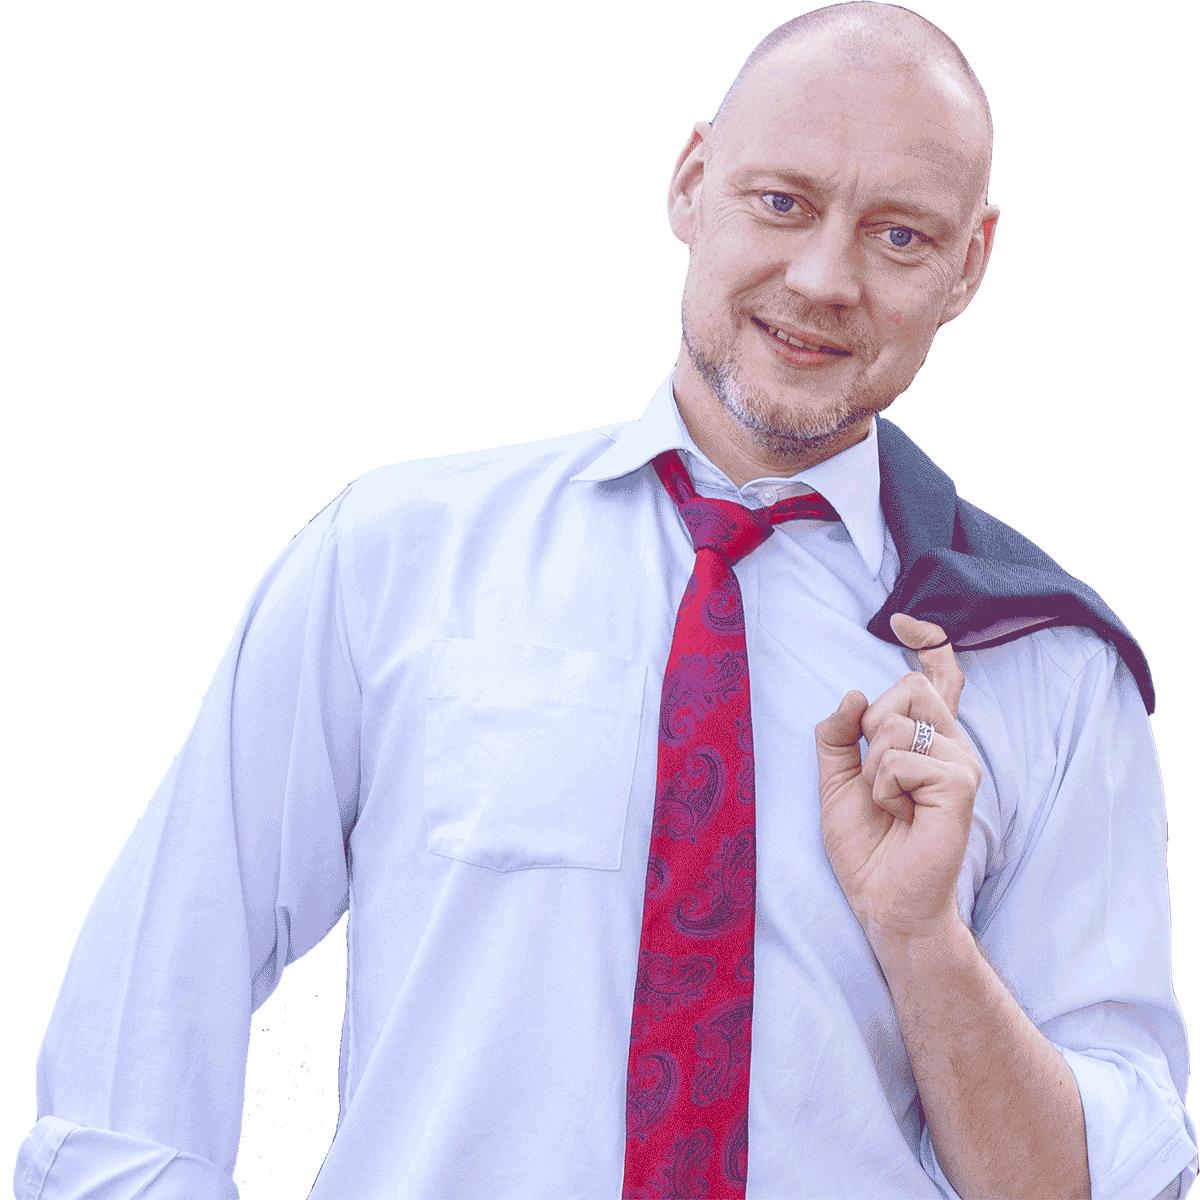 Olaf Kellerhoff